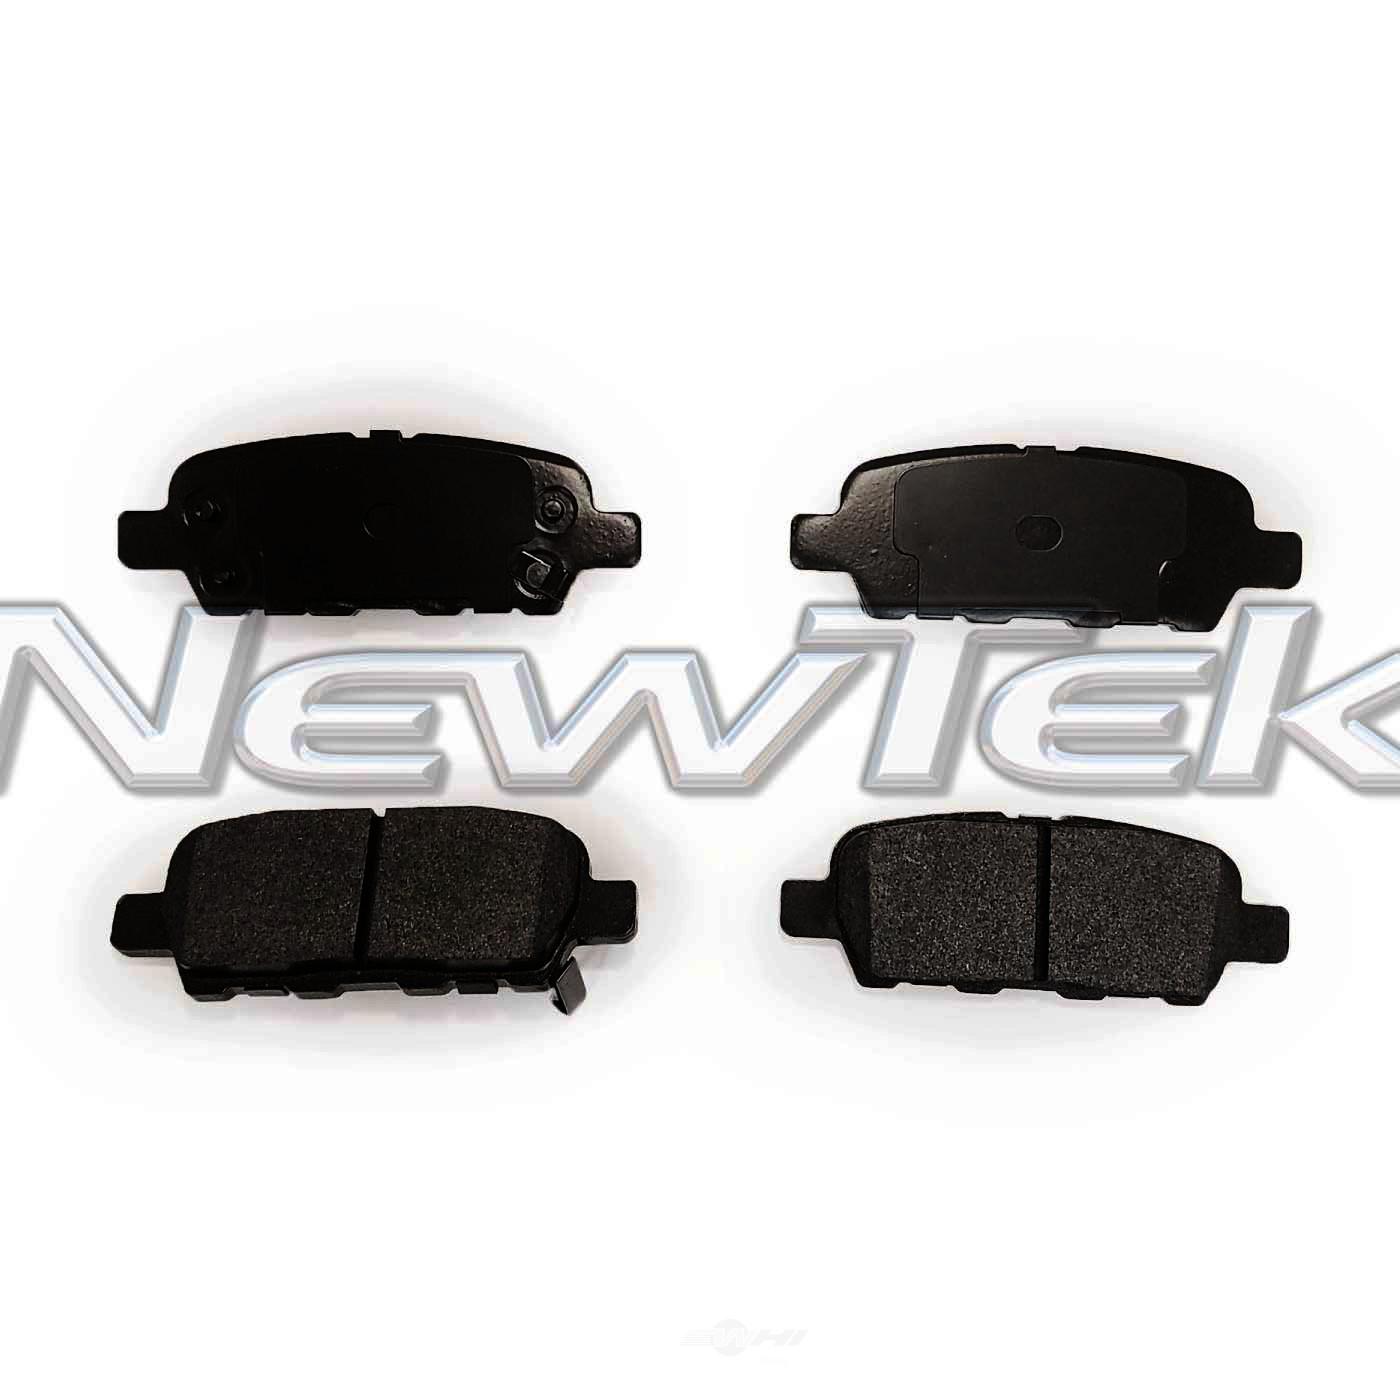 NEWTEK AUTOMOTIVE - Velocity Plus Economy Semi-metallic W/shim Disc Pads - NWT SMD1288